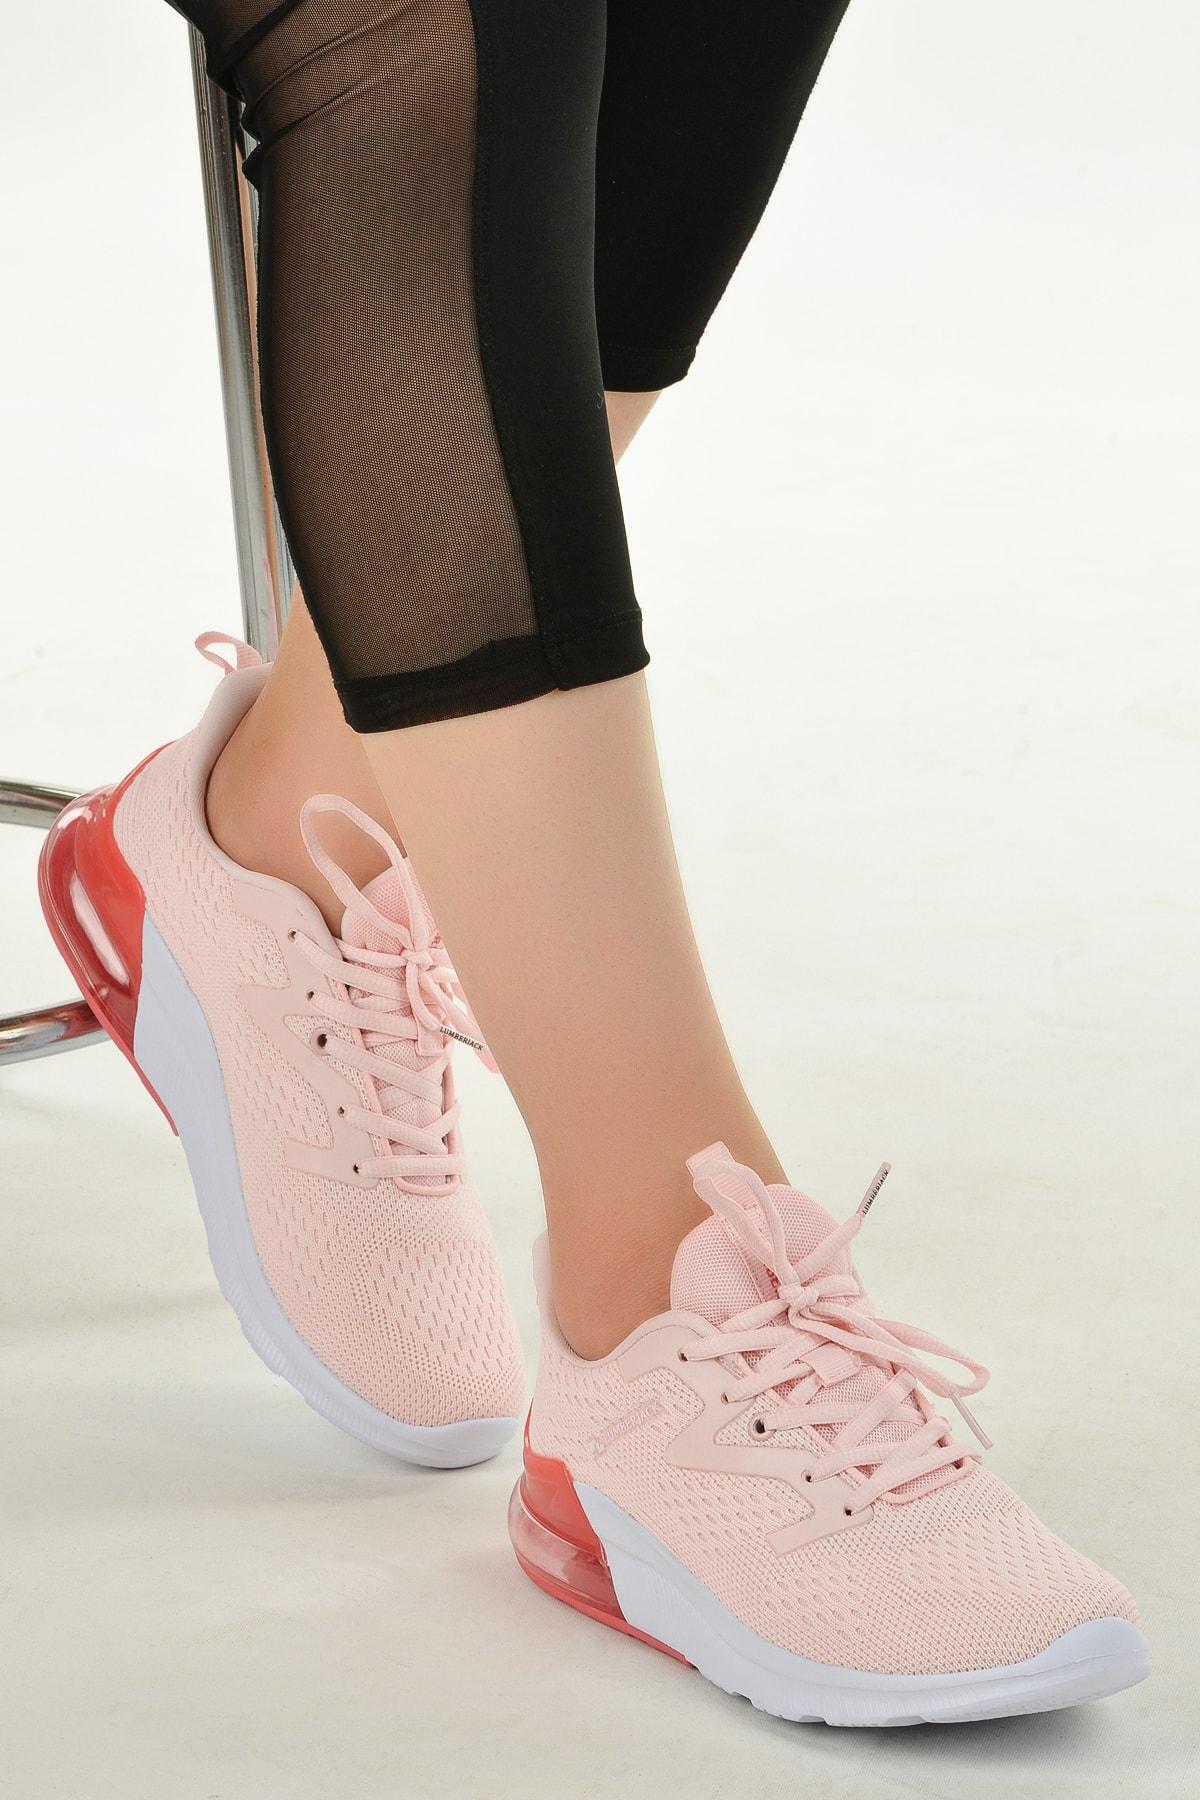 lumberjack Kadın Pembe Yürüyüş Koşu Spor Ayakkabı 1